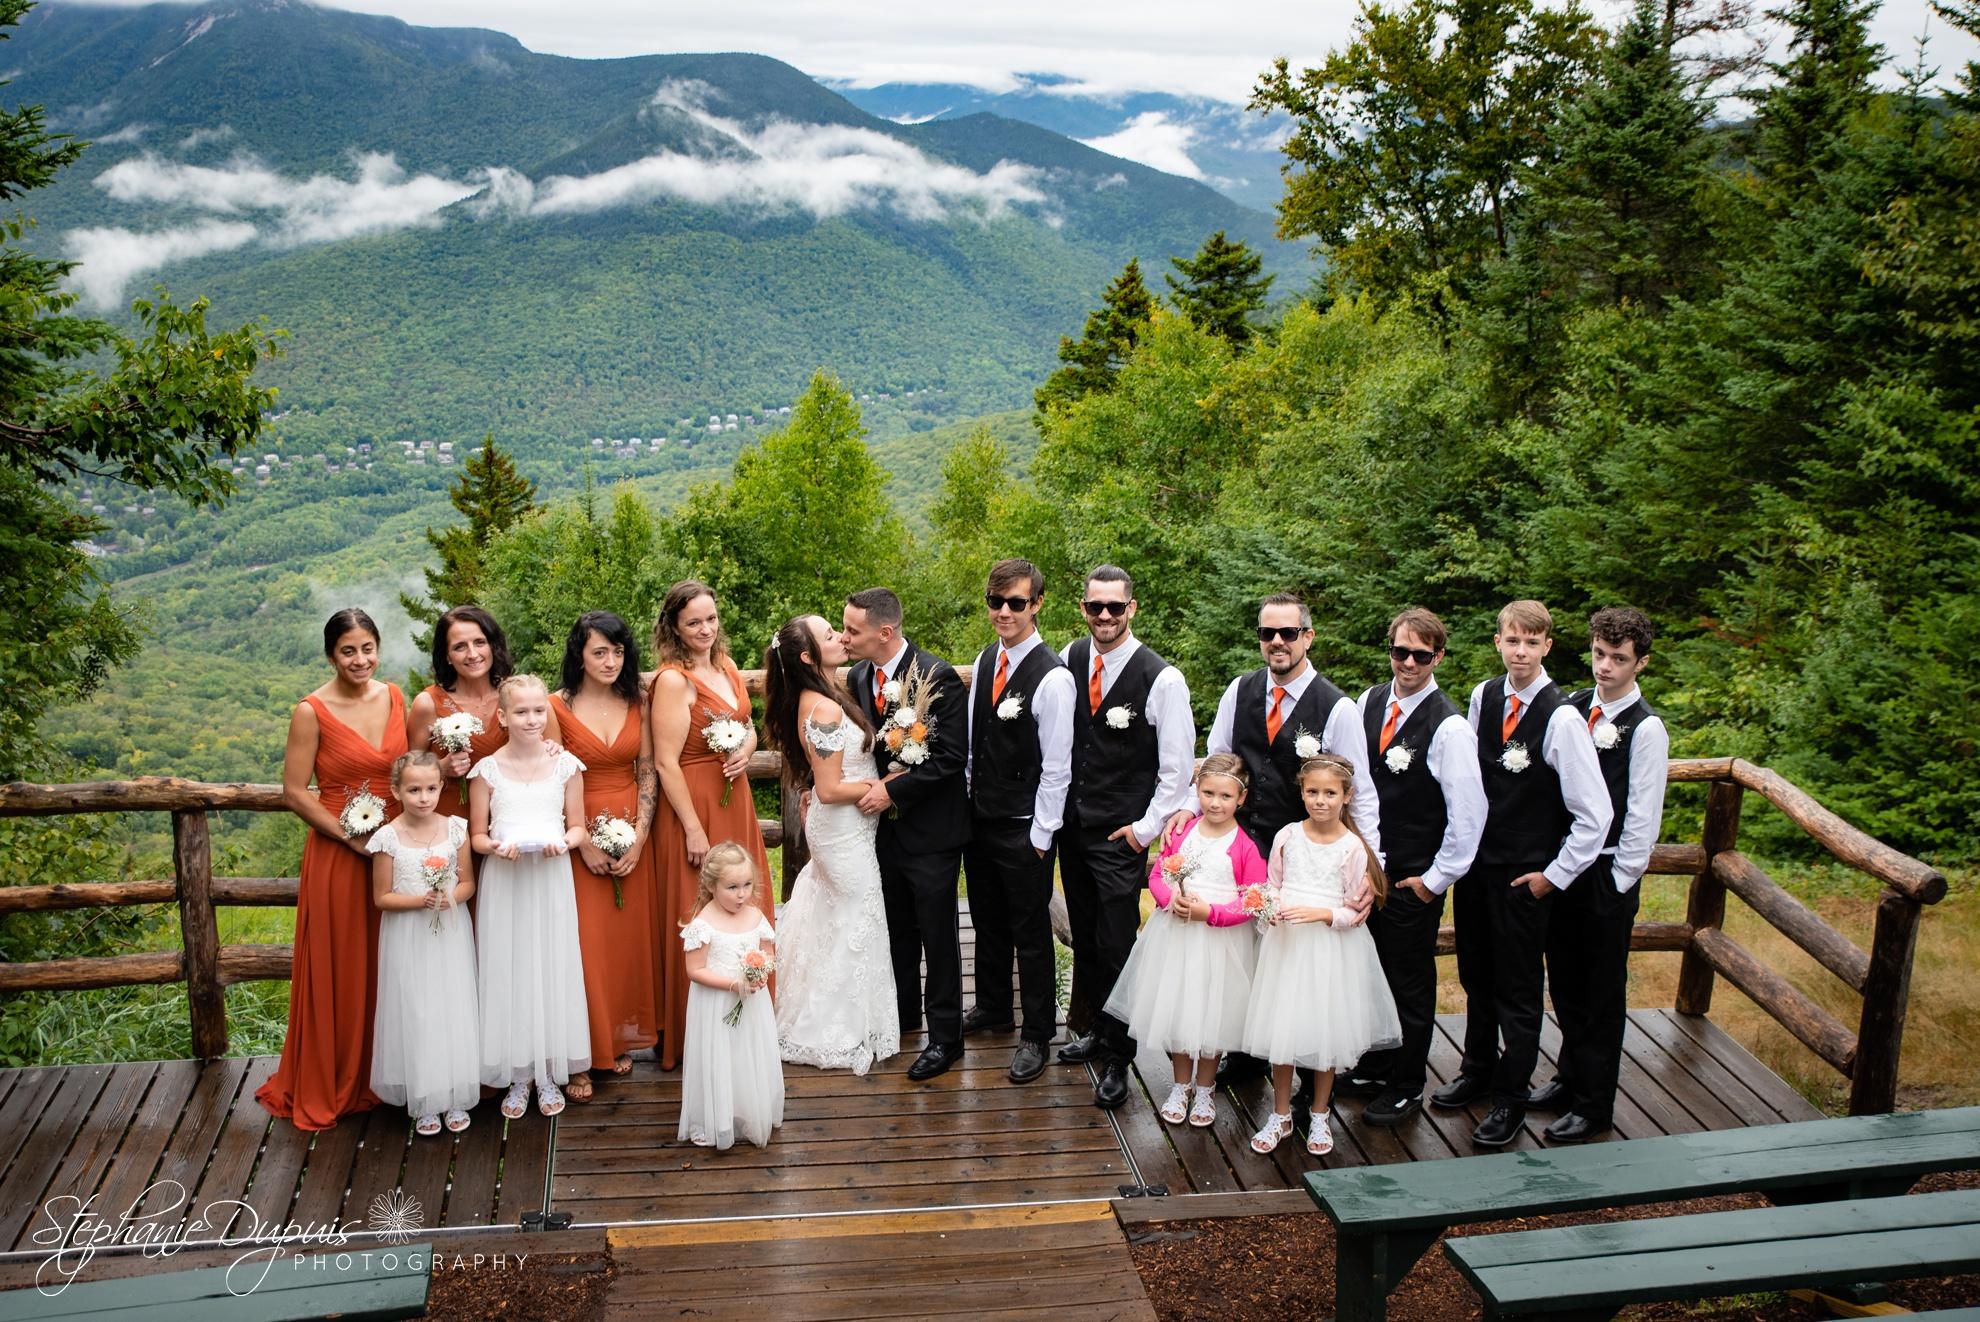 White Mountains Wedding Photographer 1 1 - Portfolio: Harper Wedding